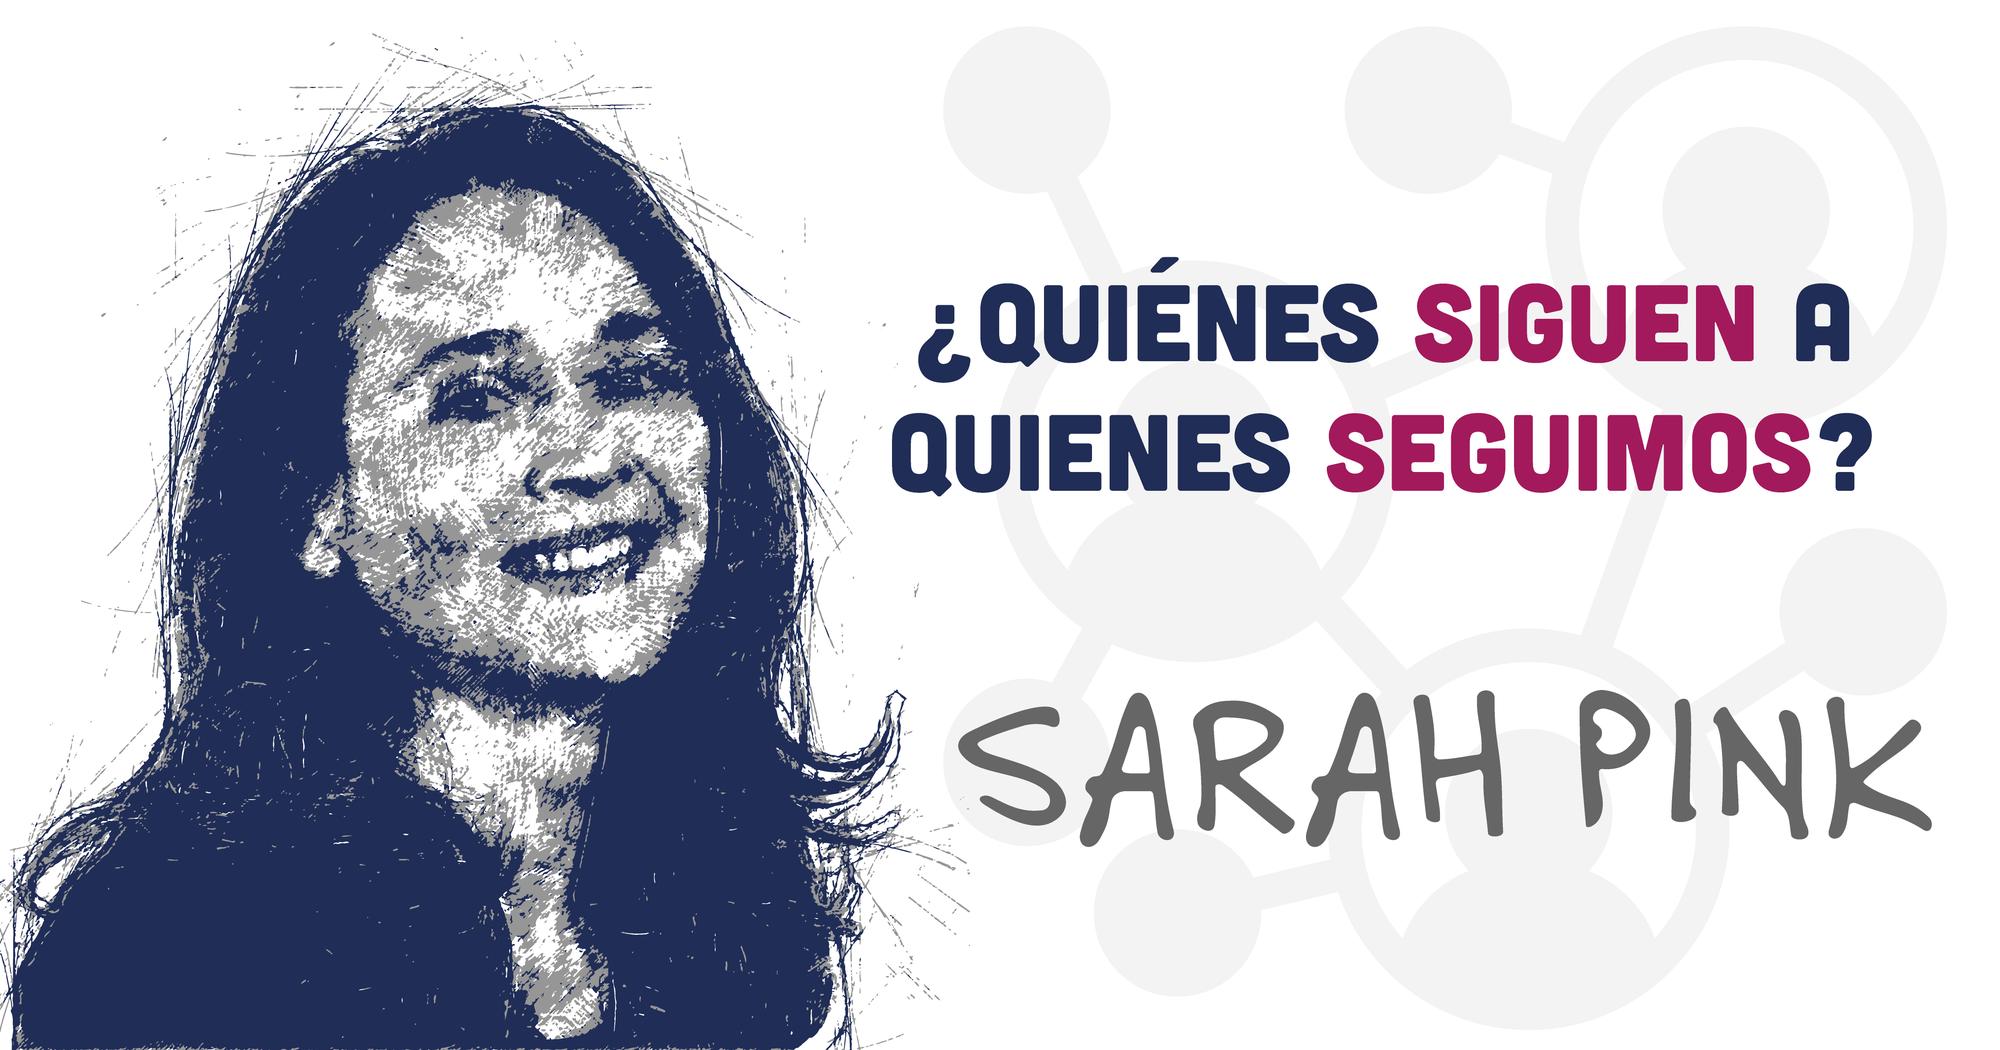 ¿Quiénes siguen a quienes seguimos? - Sarah Pink